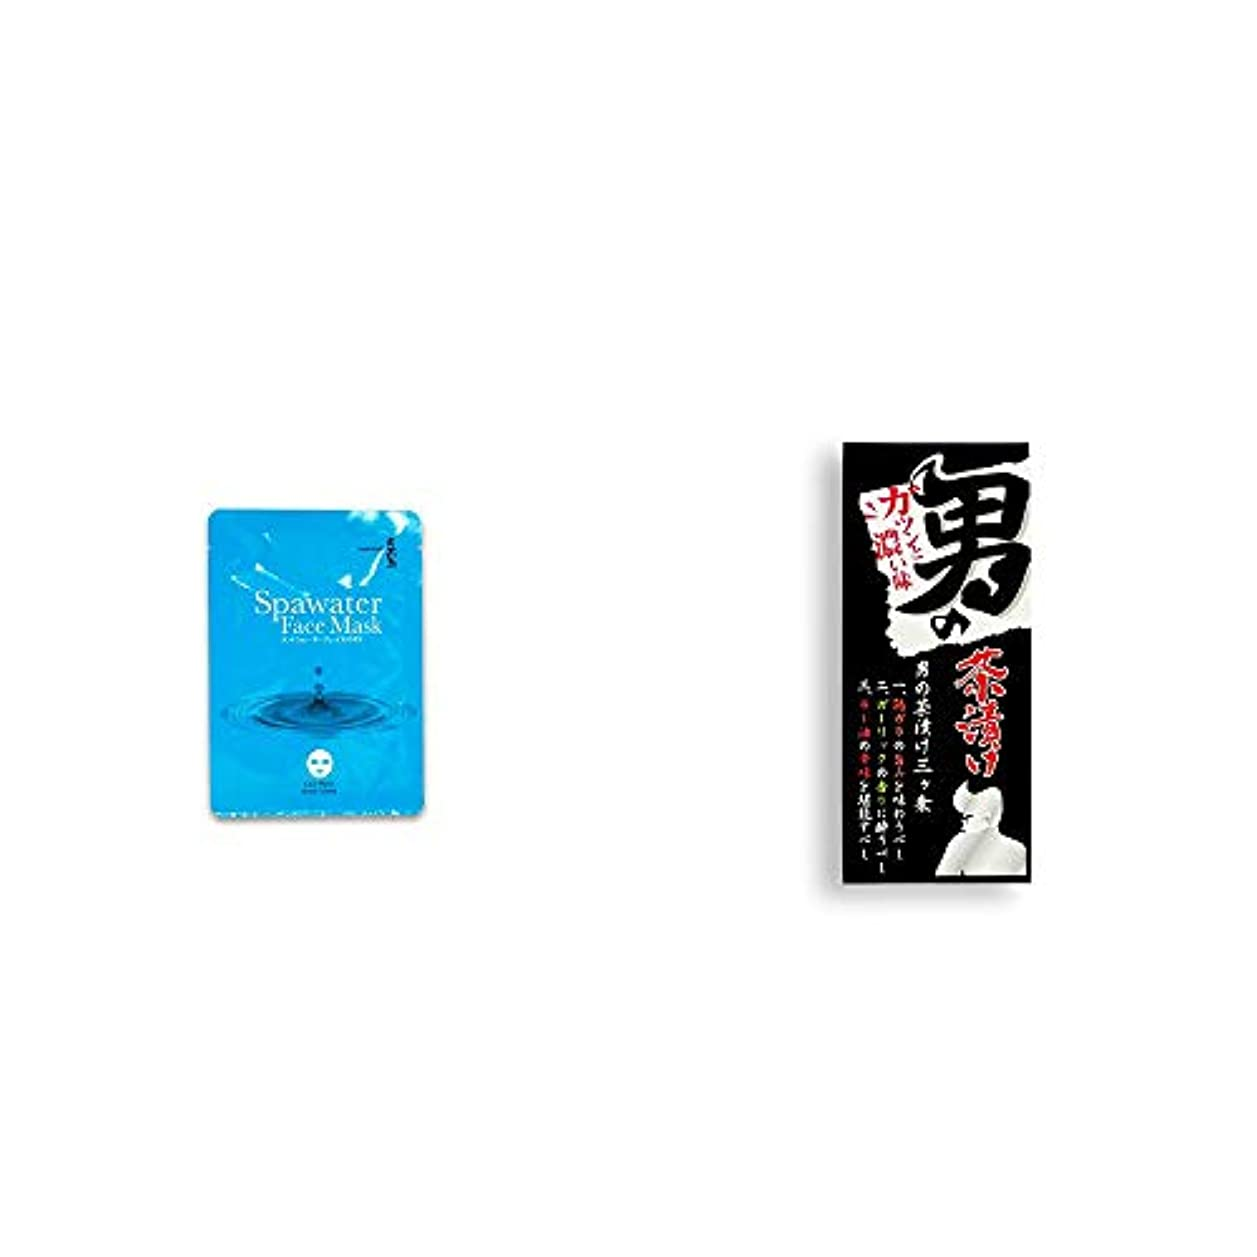 無駄ラウンジコメンテーター[2点セット] ひのき炭黒泉 スパウォーターフェイスマスク(18ml×3枚入)?男の茶漬け(4.8g×8袋)